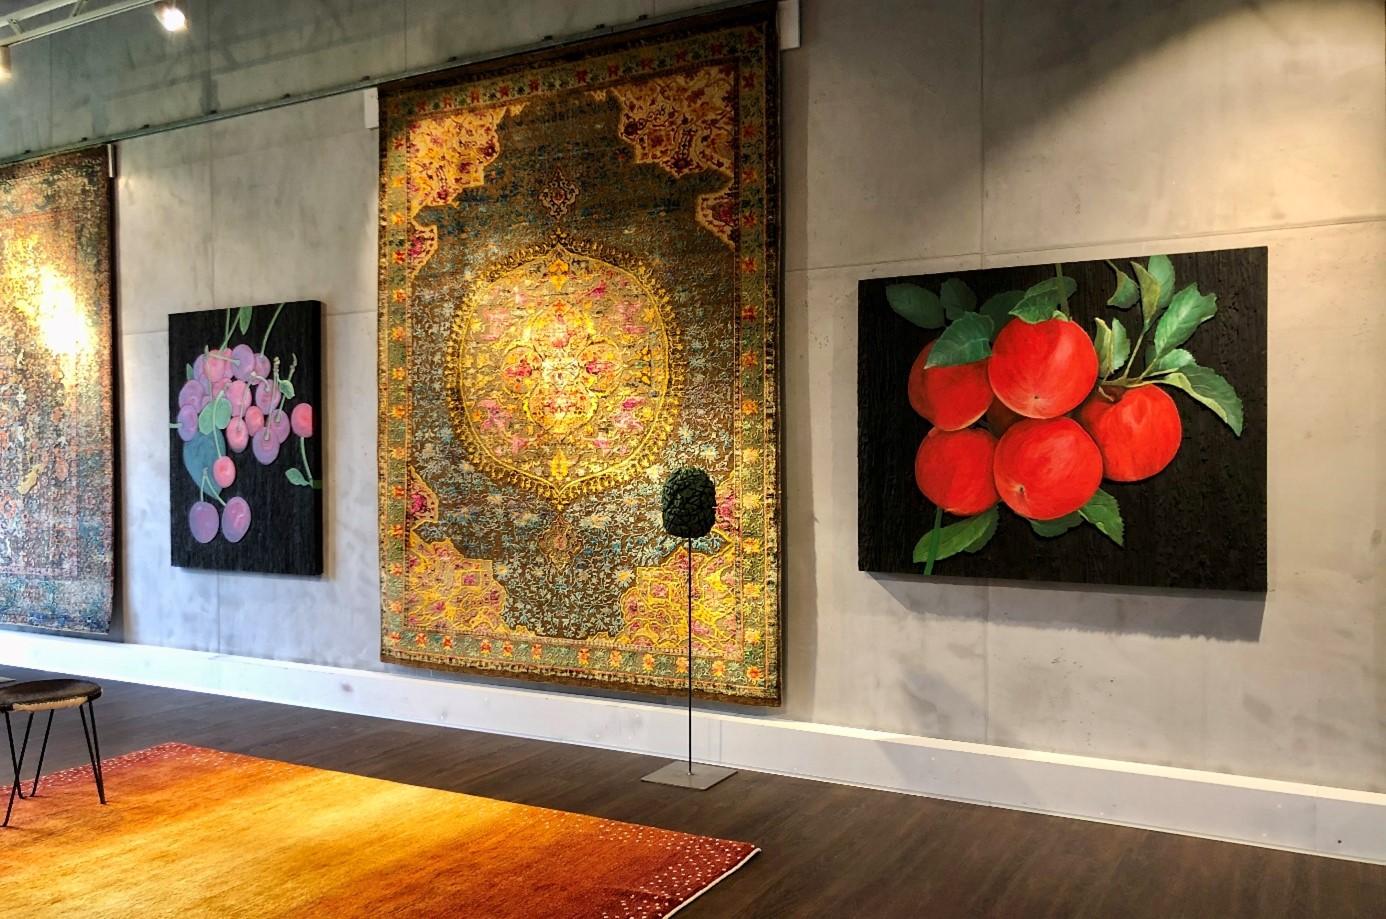 kunst-bazar-blog-post-2-png